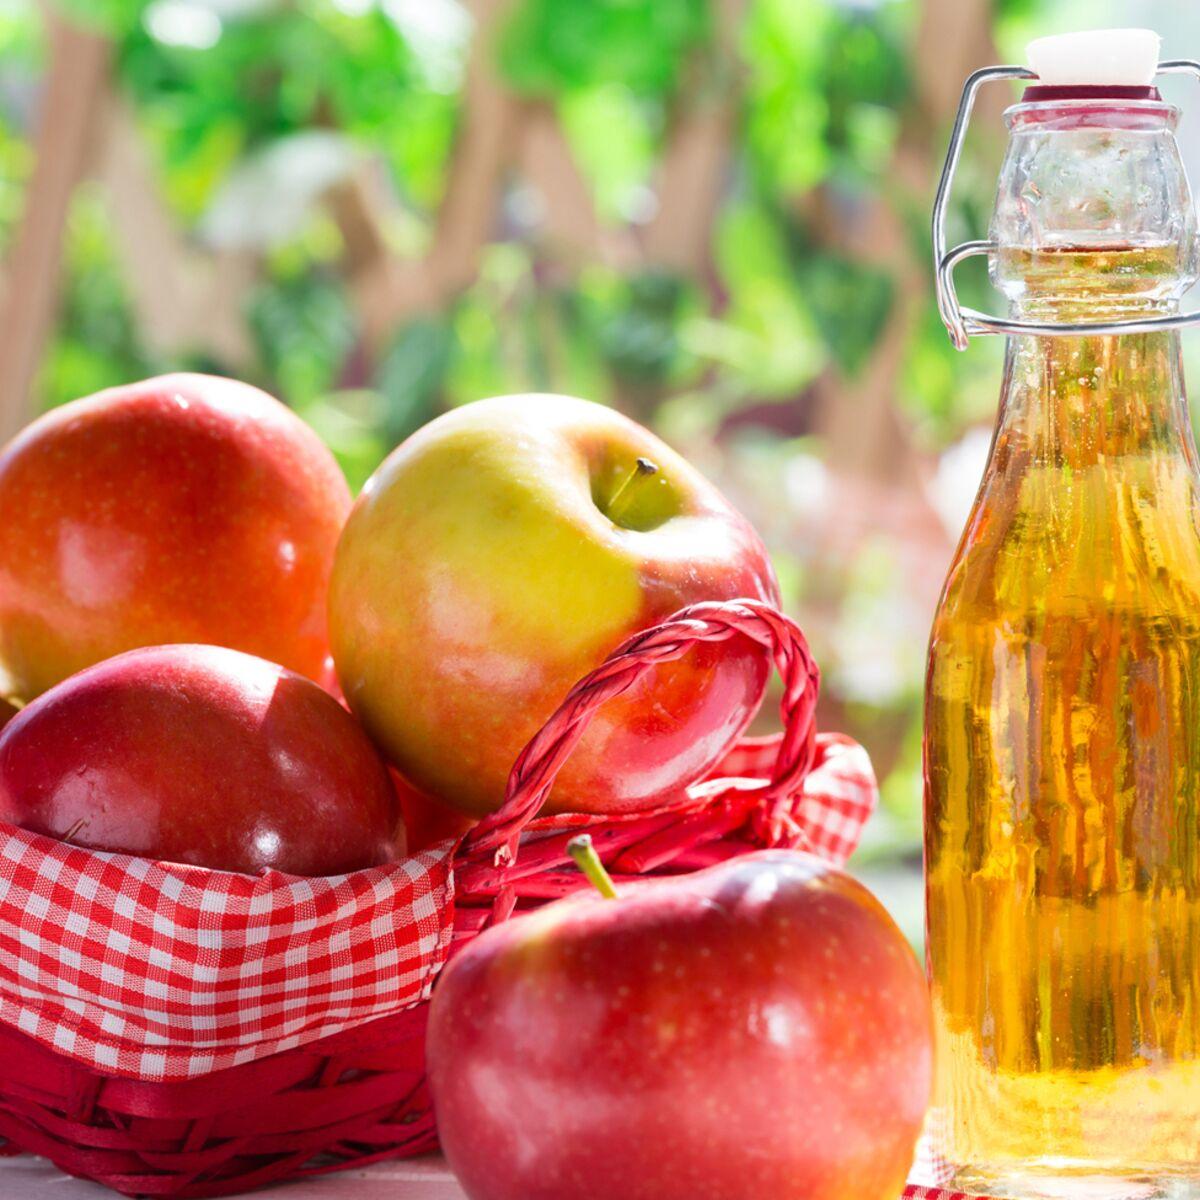 Les 6 vertus santé... du vinaigre de cidre : Femme Actuelle Le MAG